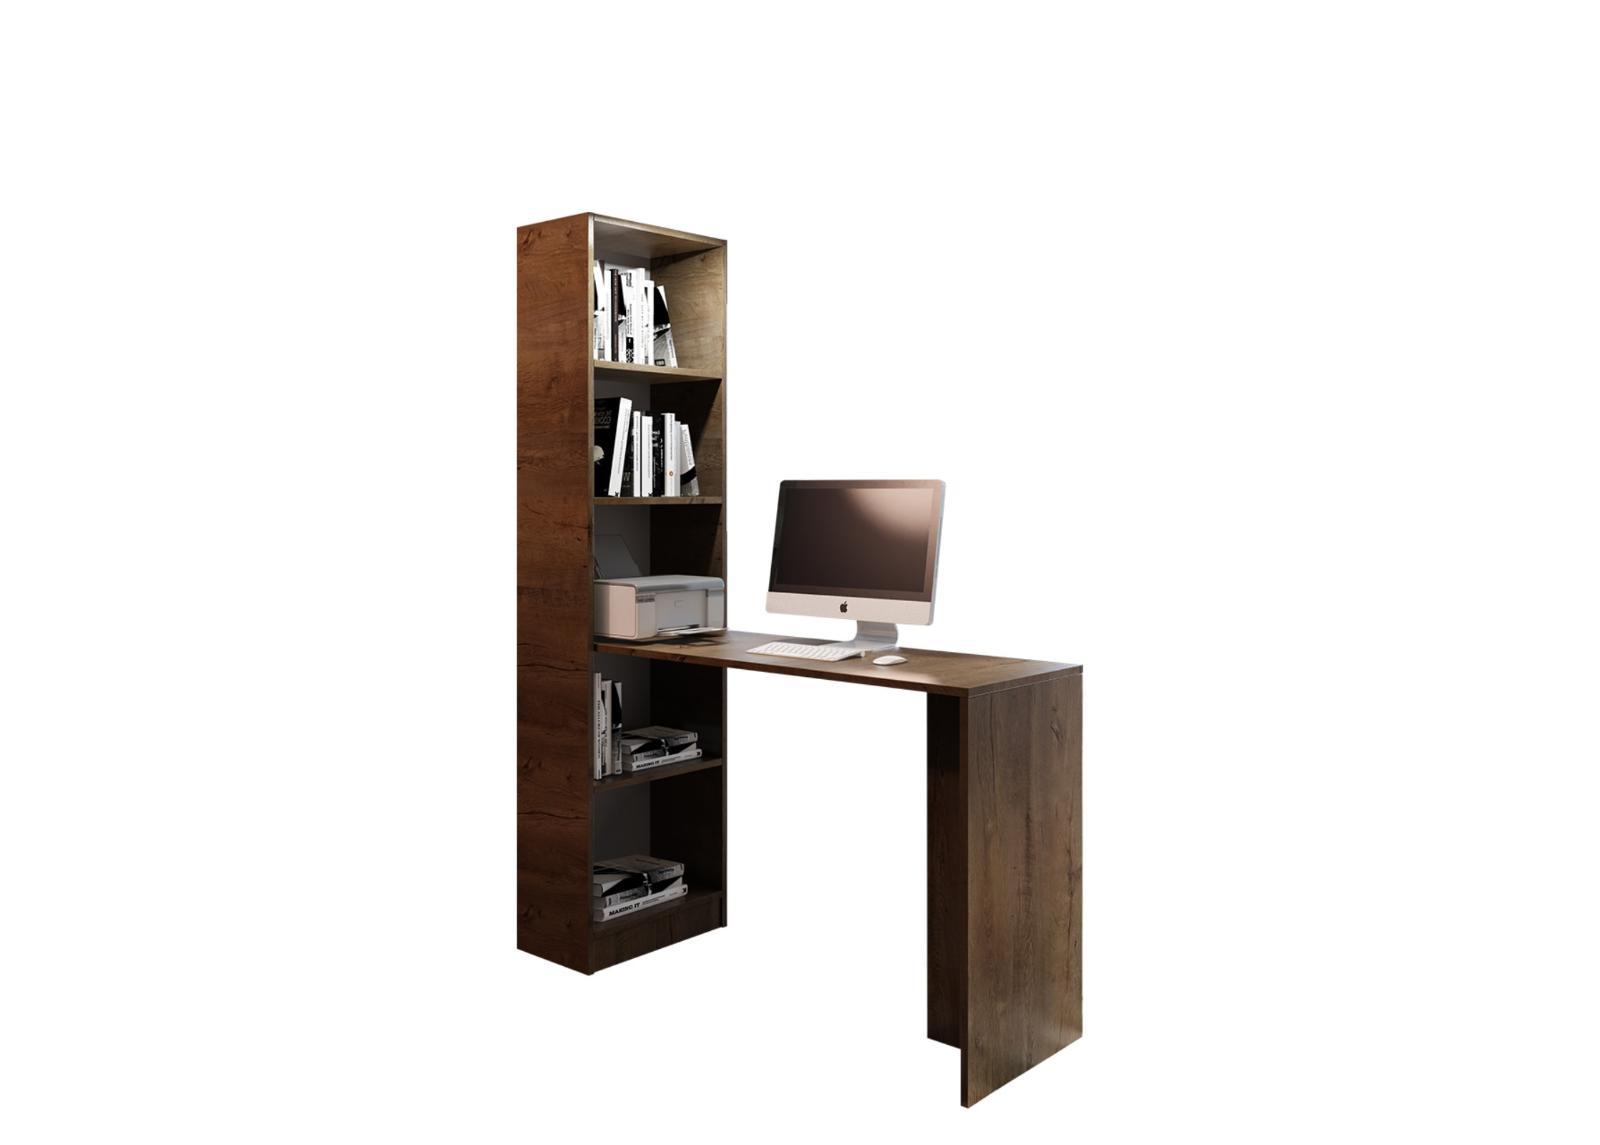 Tietokonepöytä B1